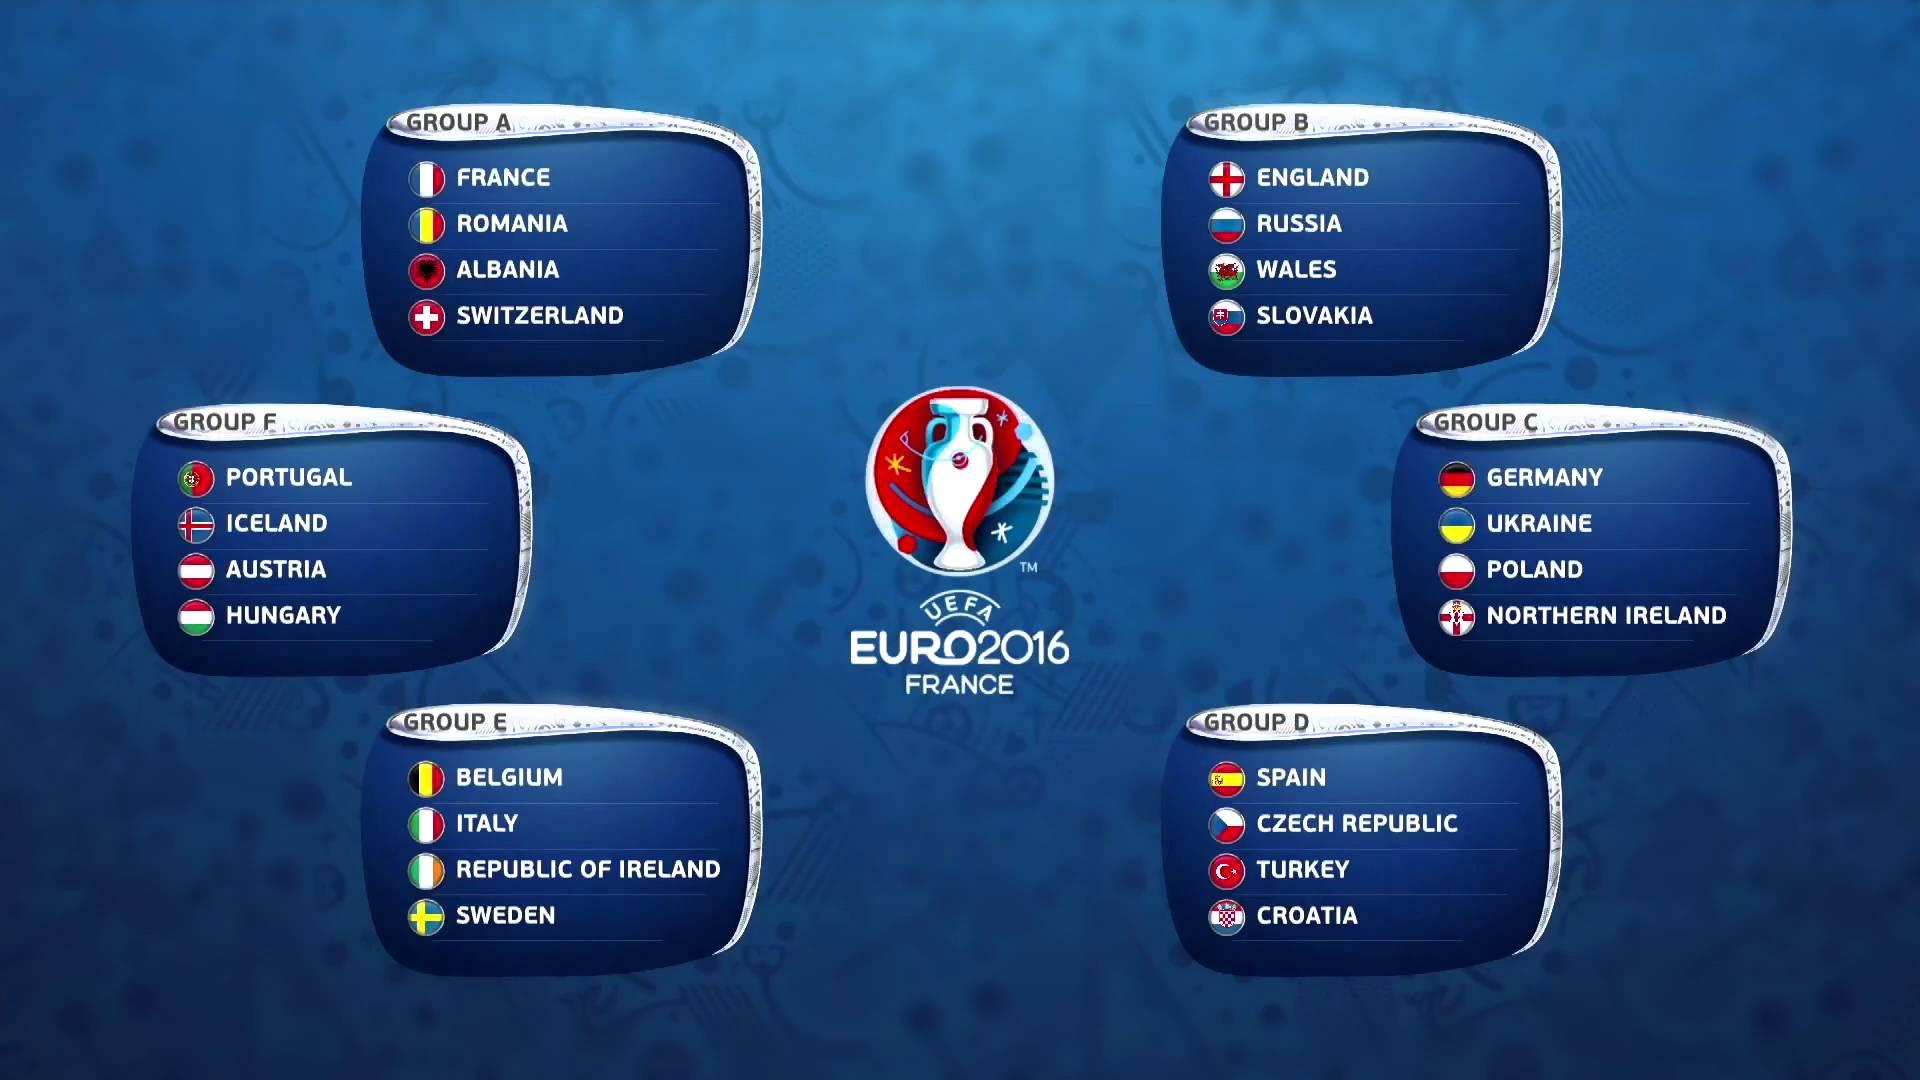 ket qua bong da euro 2016